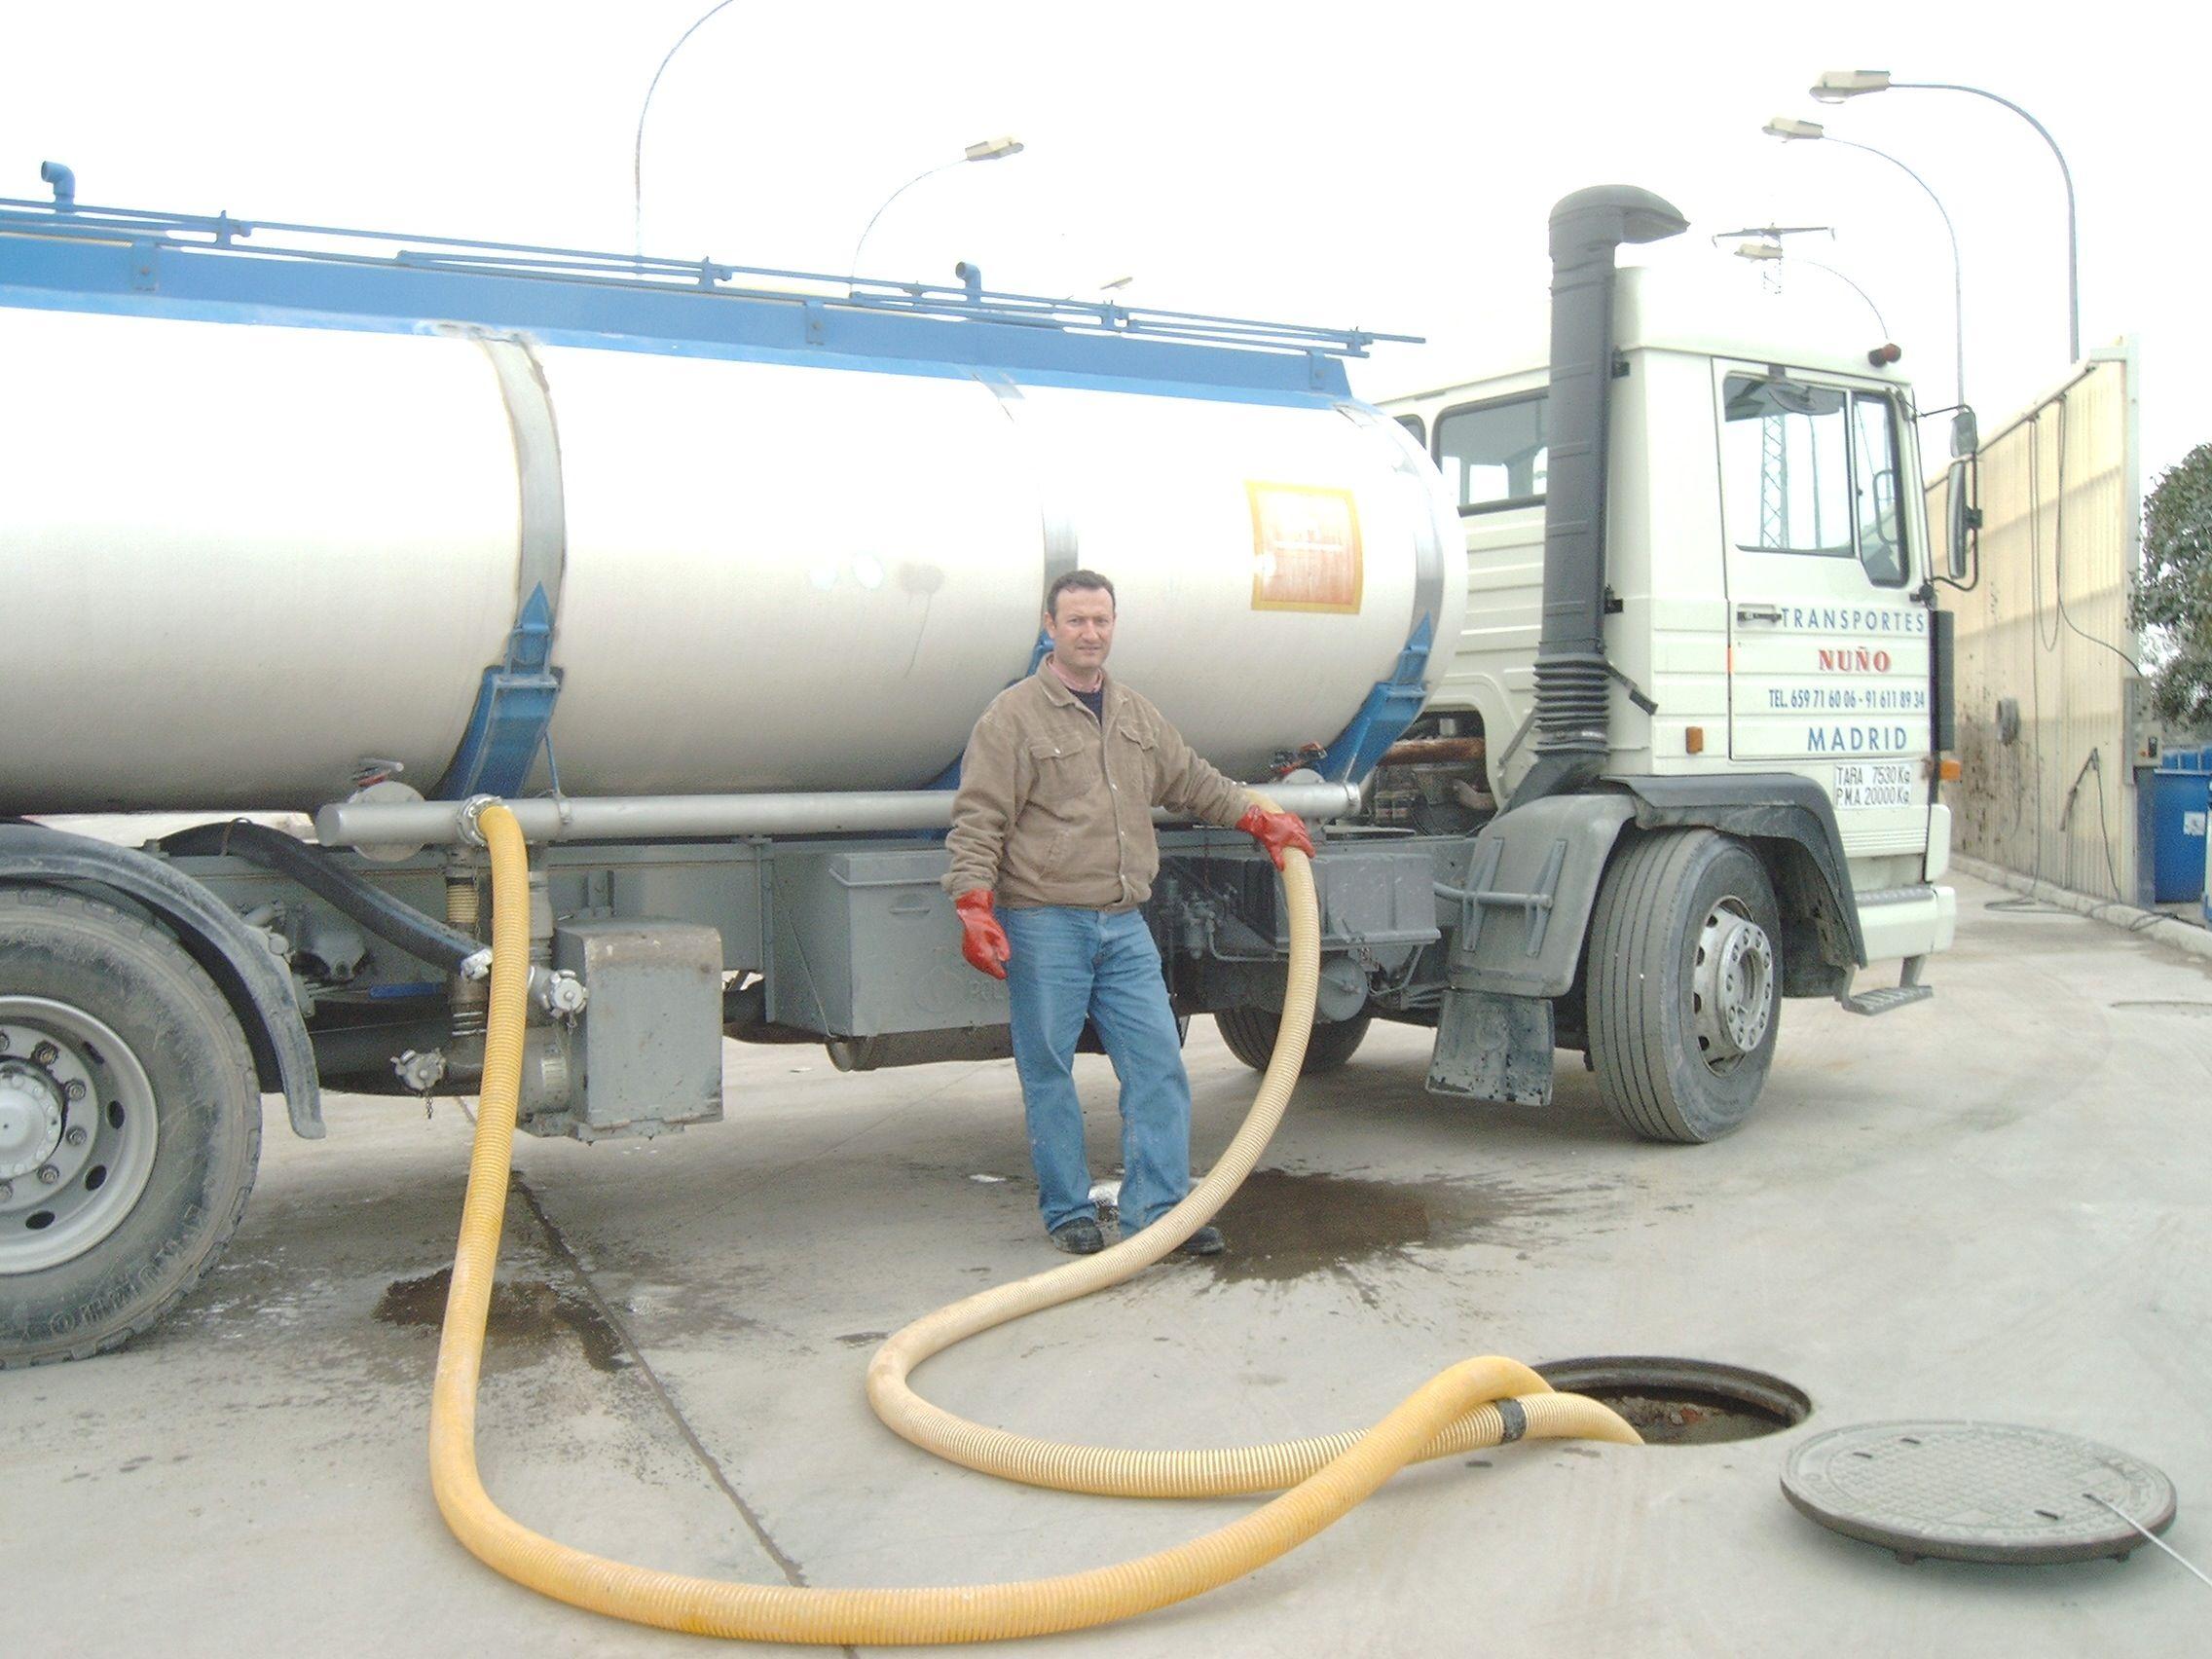 Foto 4 de Abastecimiento de agua en Alcorcón | Transportes Nuño